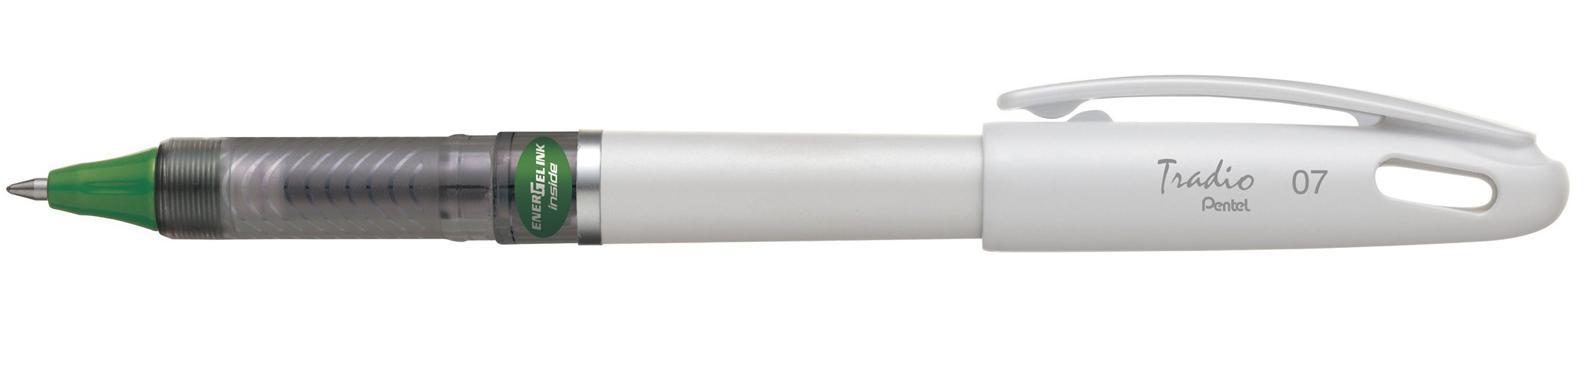 Гелевая ручка TRADIO ENERGEL зеленый стержень 0.7мм, белый корпус в блистереPBL117W-DX